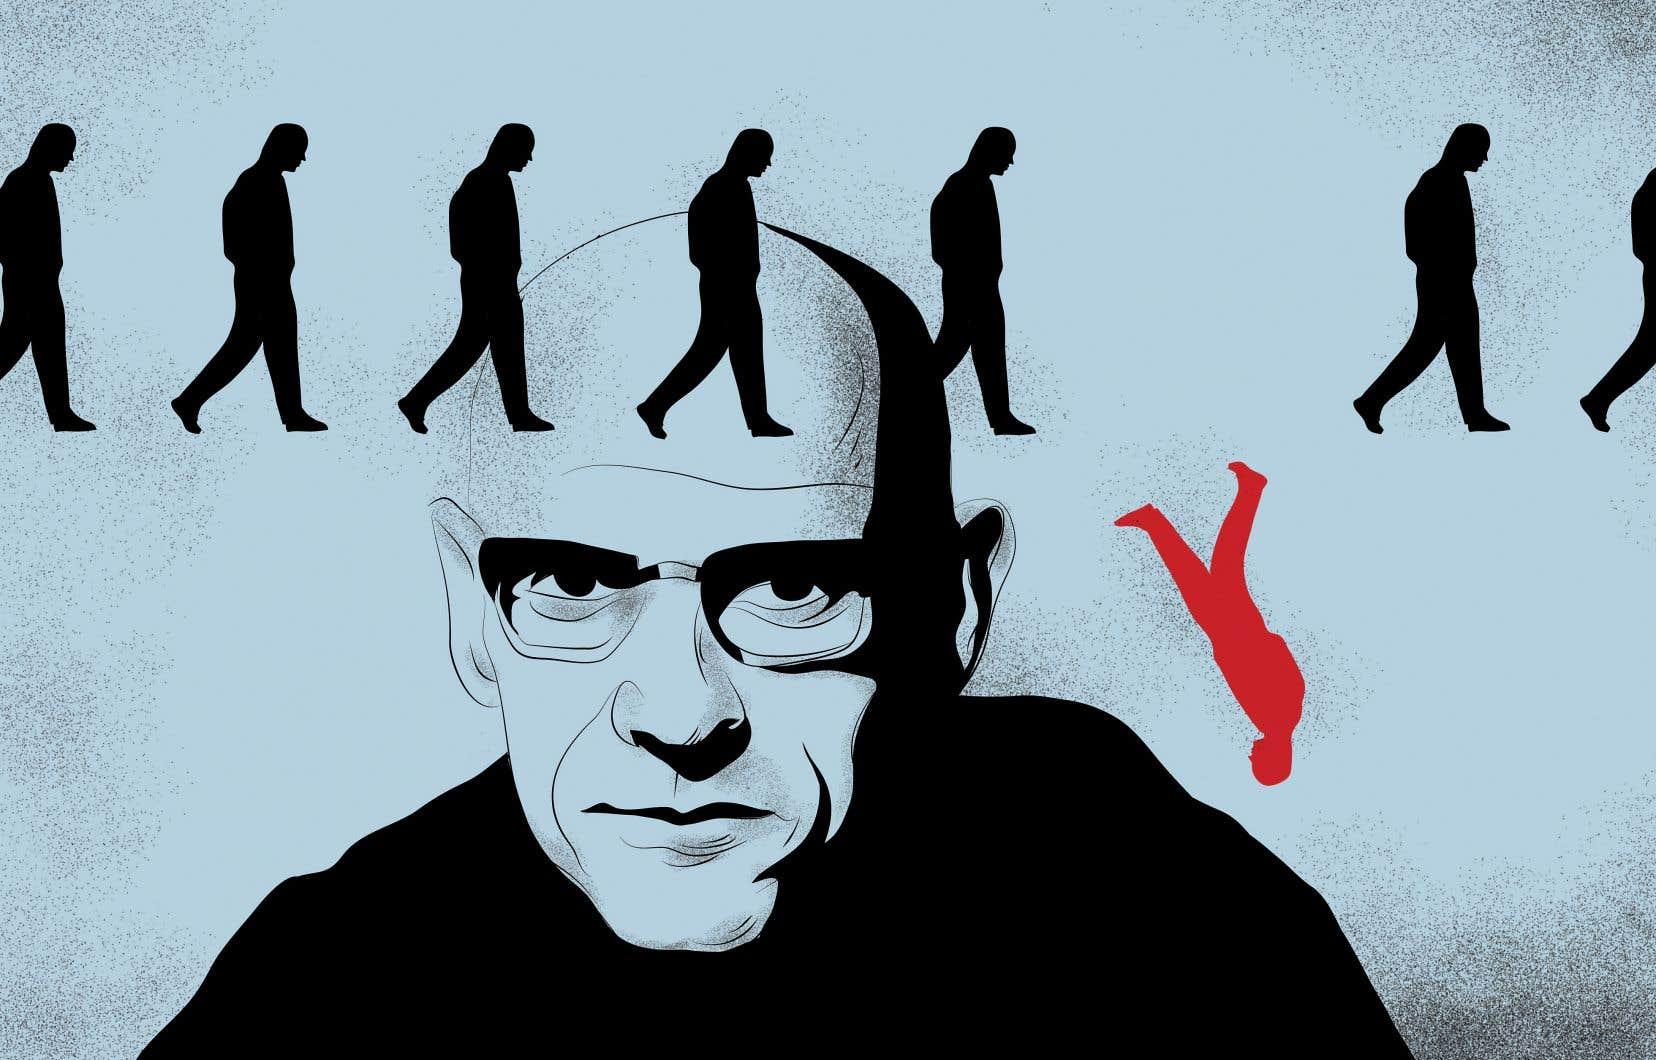 Le philosophe français Michel Foucault (1926-1984) a introduit la notion de biopouvoir dans le chapitre 5 de «La volonté de savoir» (1976), intitulé «Droit de mort et pouvoir sur la vie. Histoire de la sexualité».